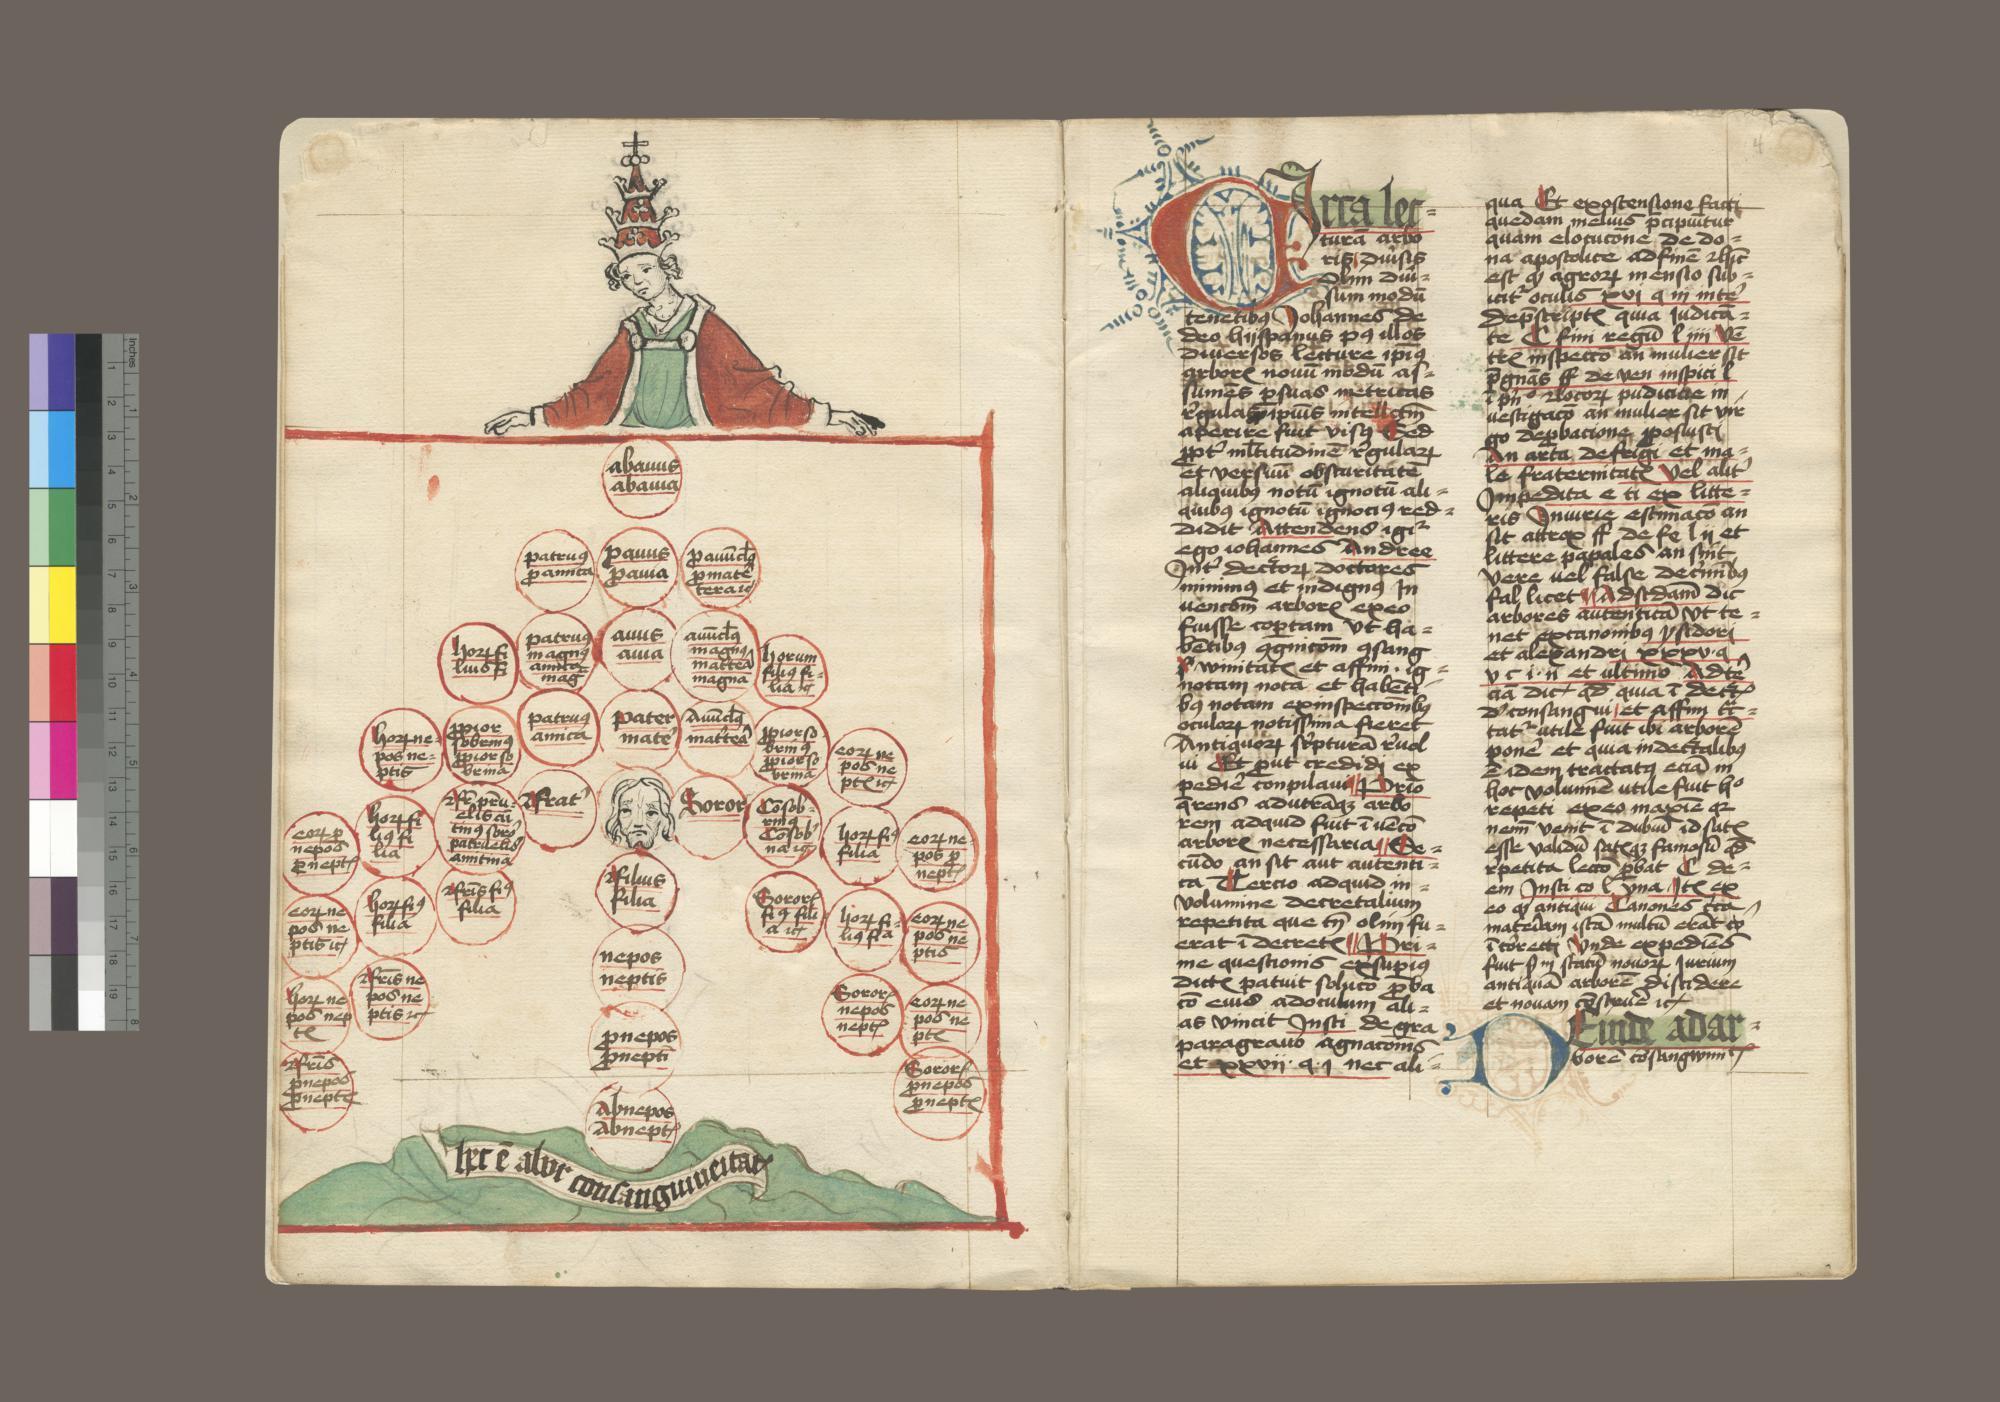 De arbore consanguinitatis, affinitatis et cognitionis spiritualis